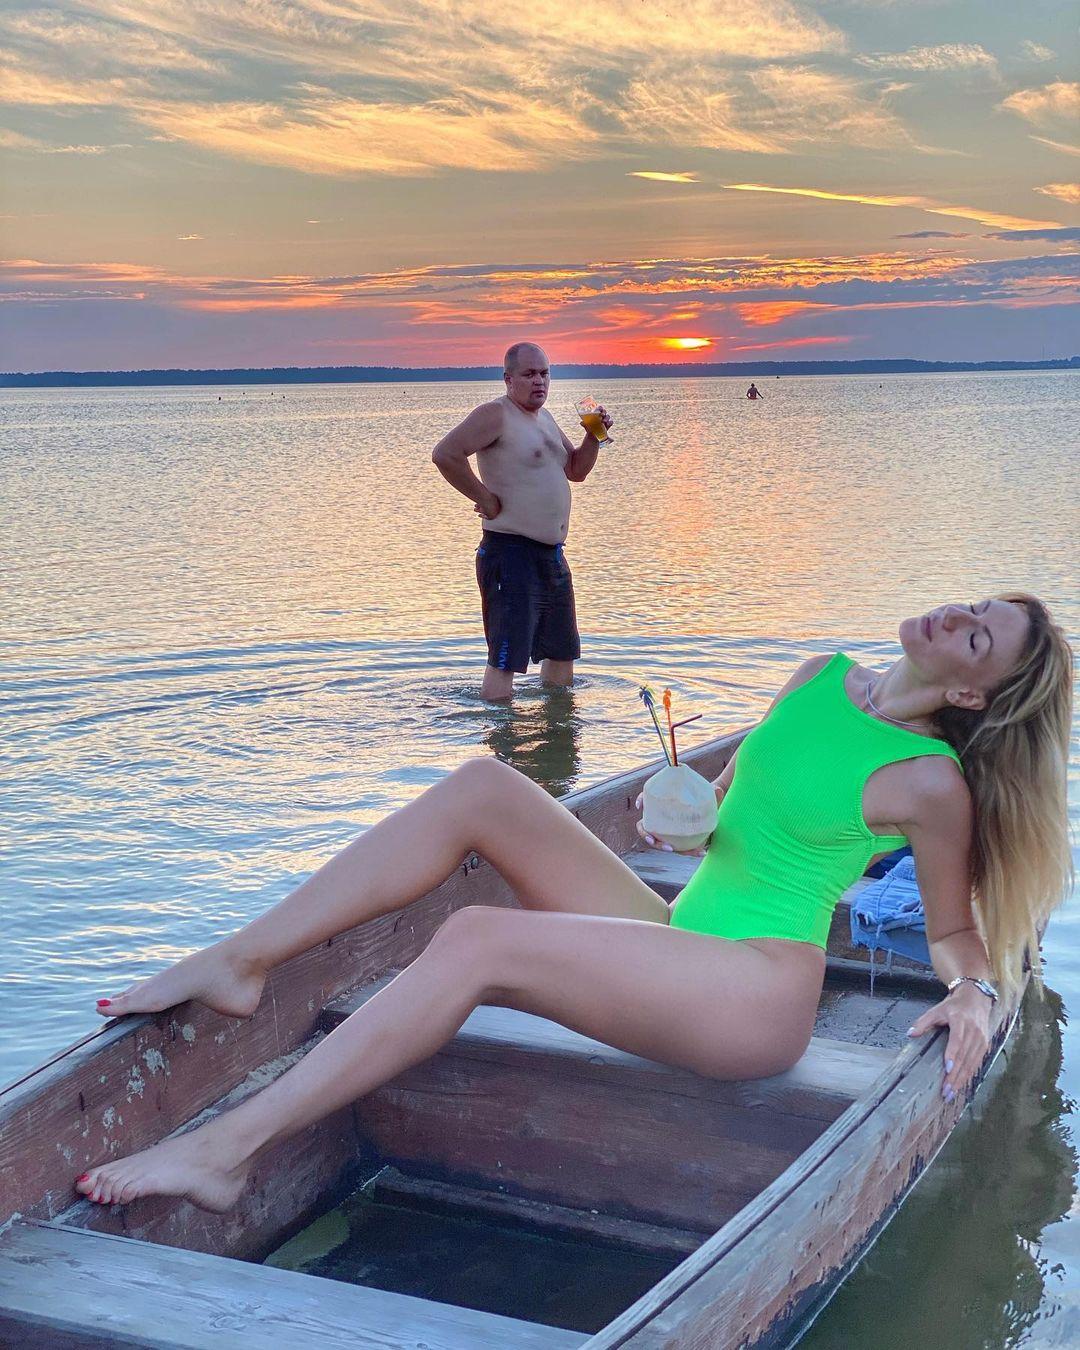 Чисти картошку, я выезжаю: Леся Никитюк взволновала сеть фото с эффектным мужчиной и призналась ему в любви